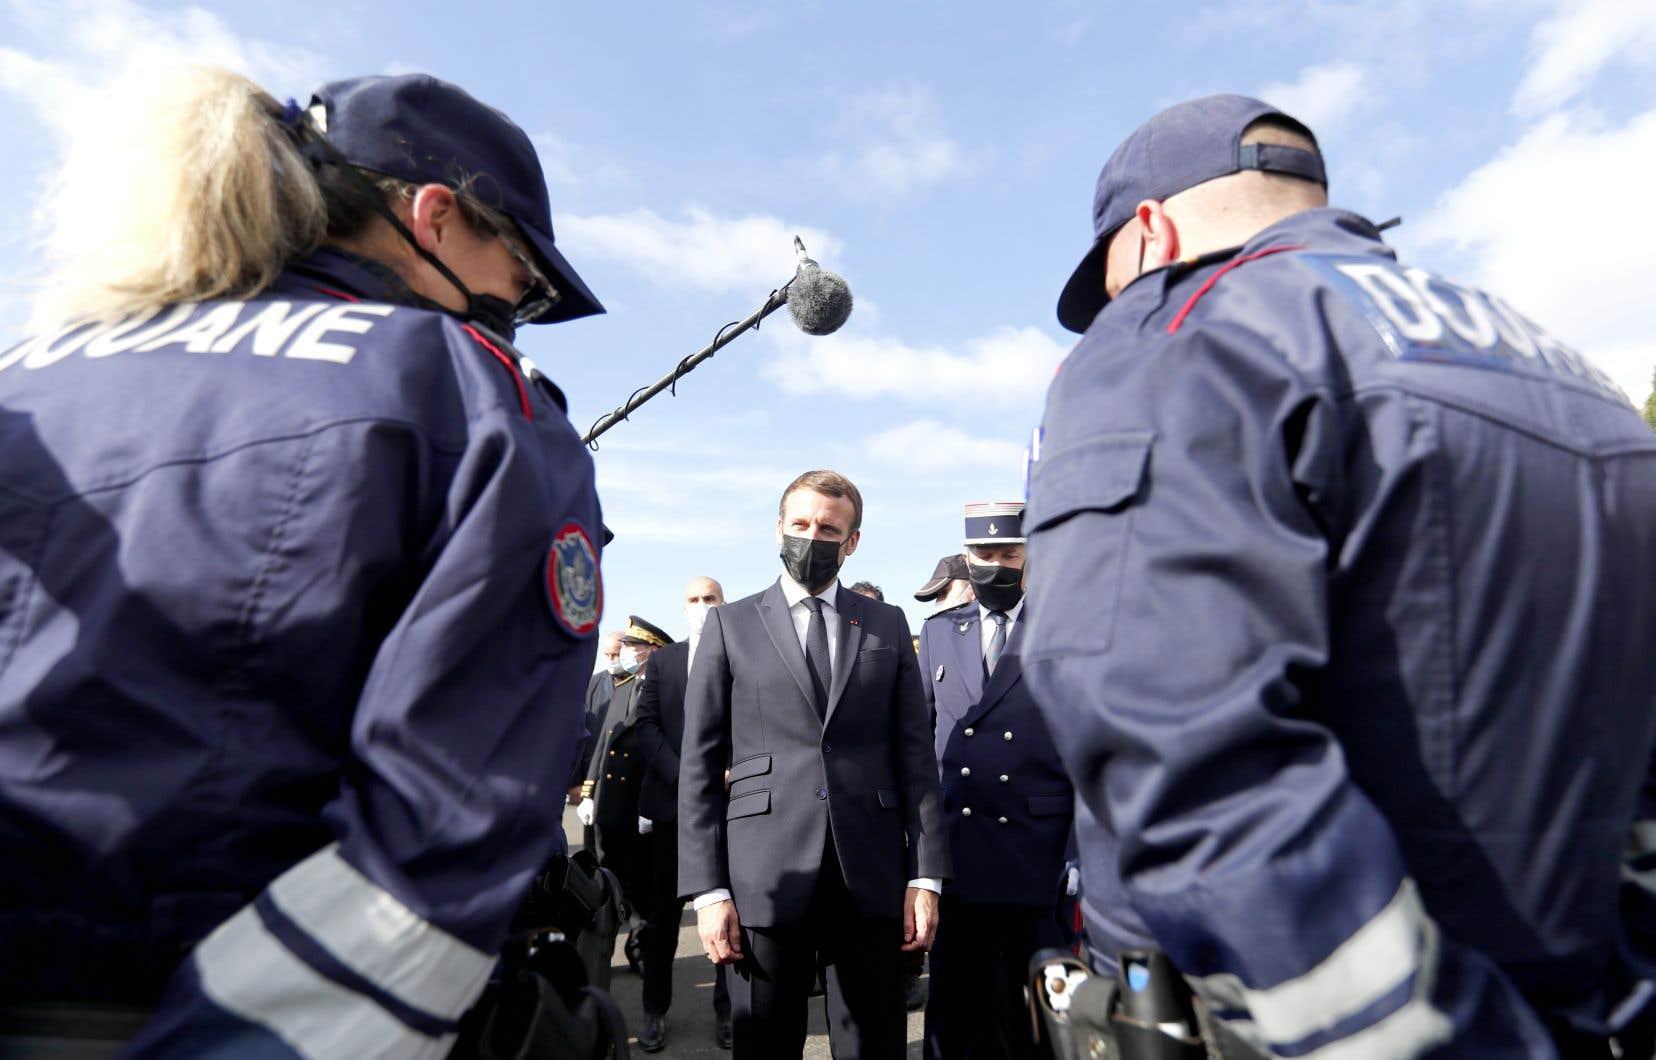 Le président français s'est entretenu avec les gendarmes de la police aux frontières au col du Perthus.